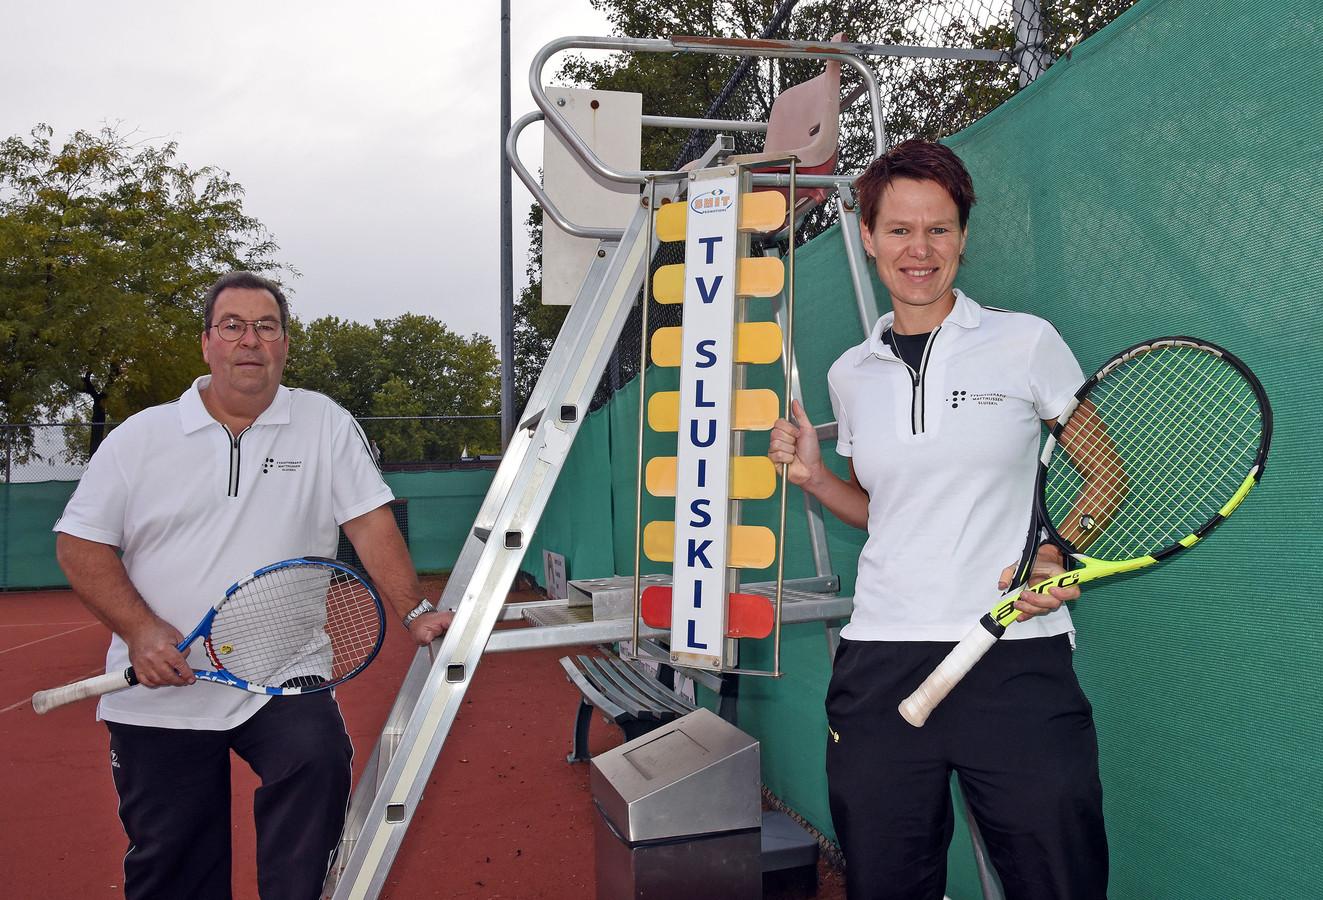 Vicevoorzitter en clubcoryfee Han Matthijssen en wedstrijdleider Rebecca Matthijs van TV Sluiskil.